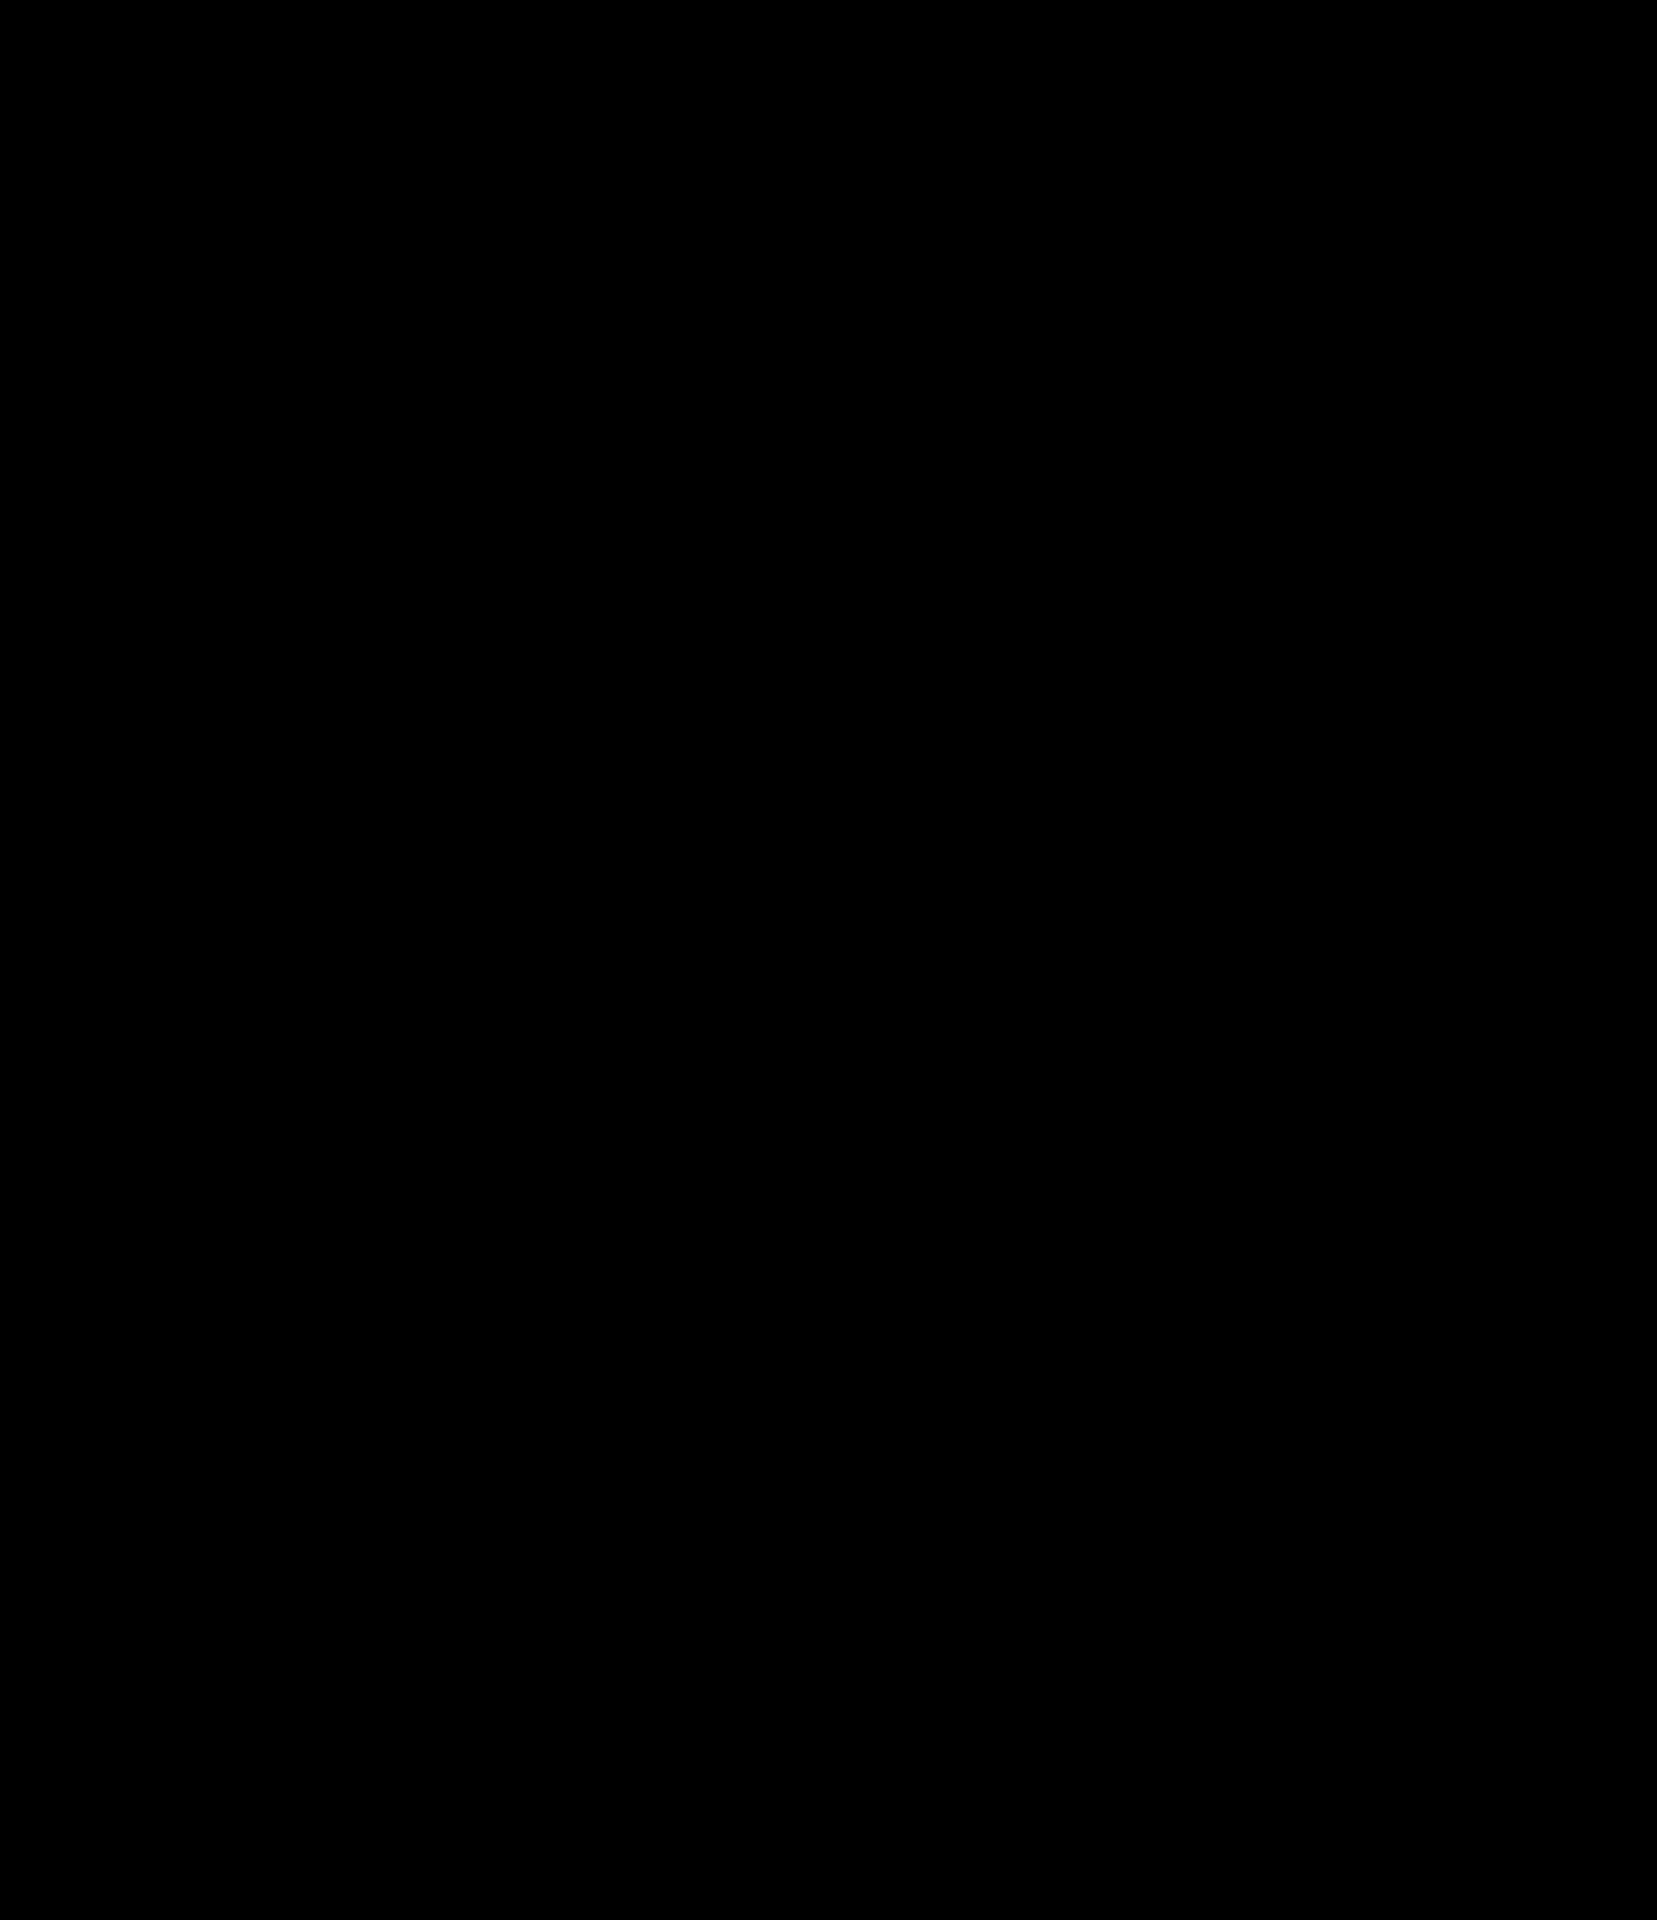 Vlastní design růžence nebo náramku